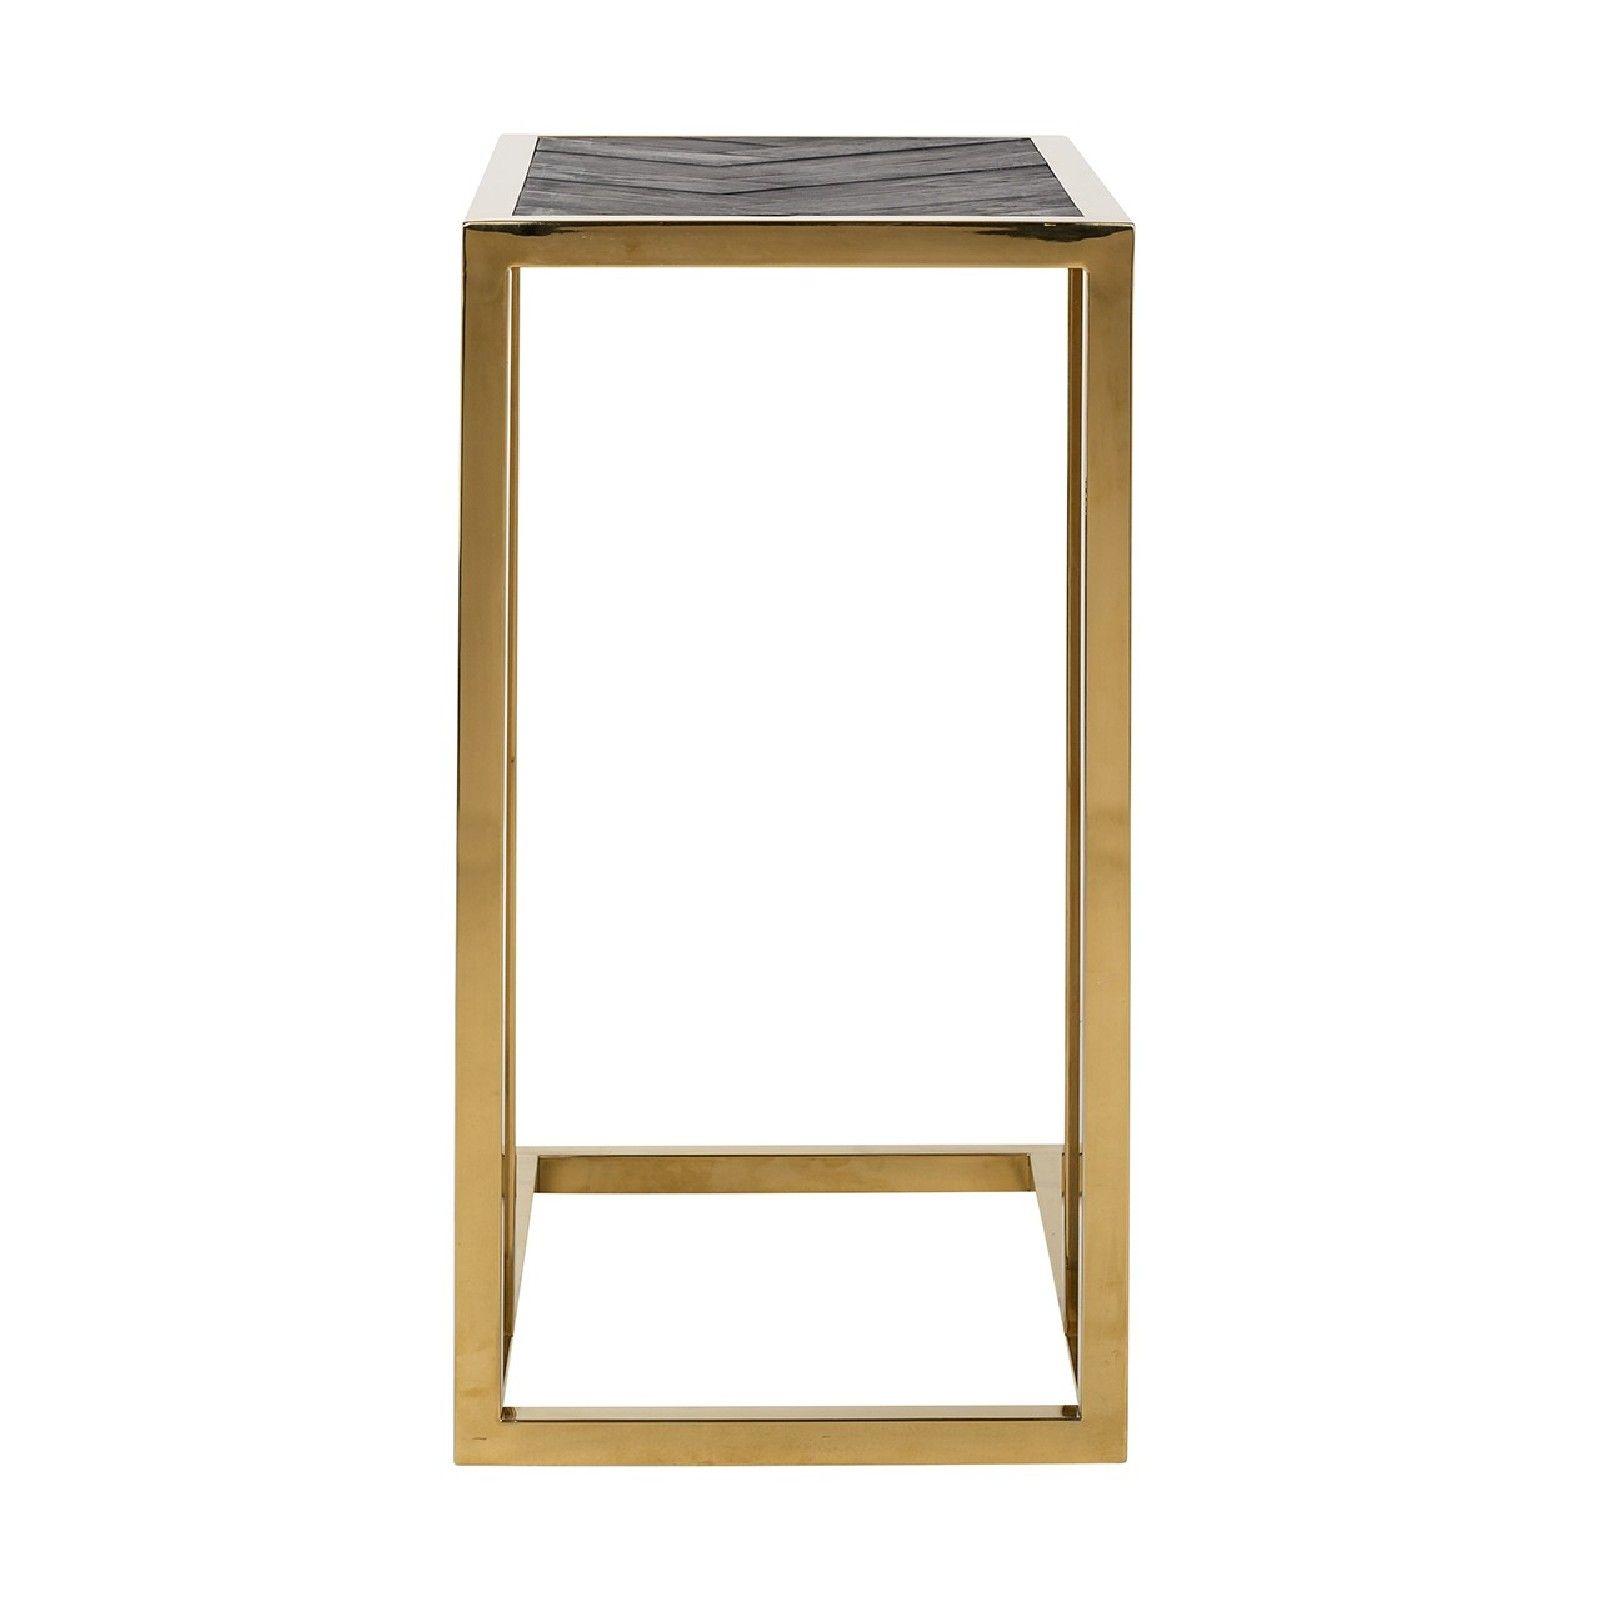 Table d'appoint Blackbone gold Meuble Déco Tendance - 645